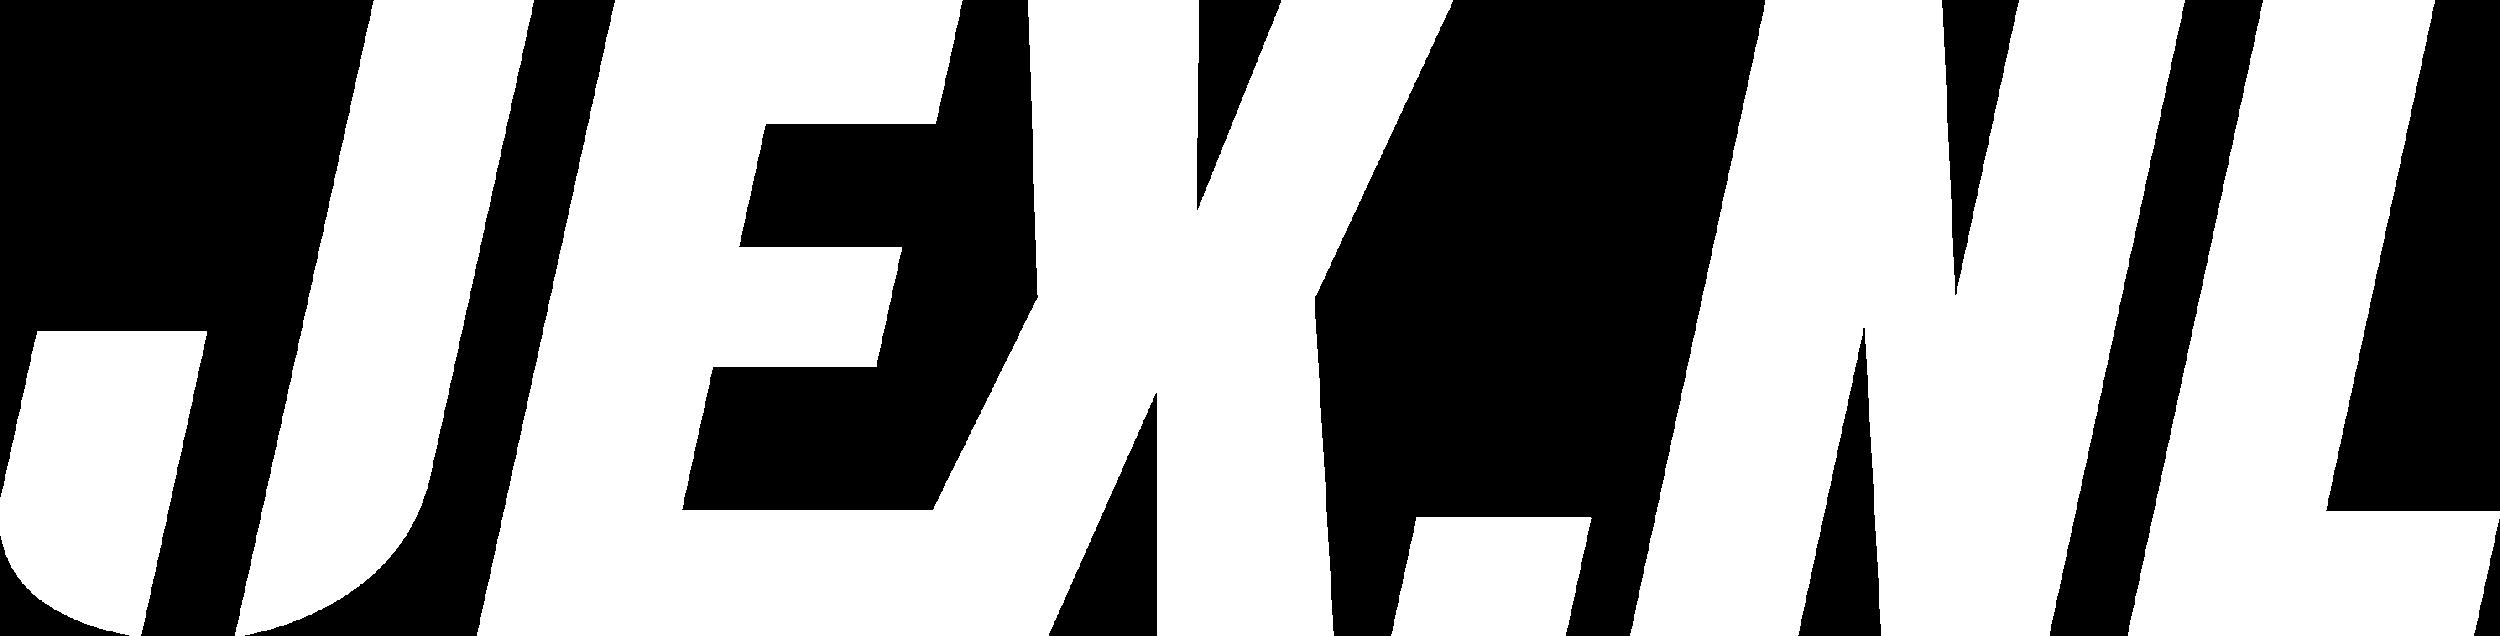 Jex.nl